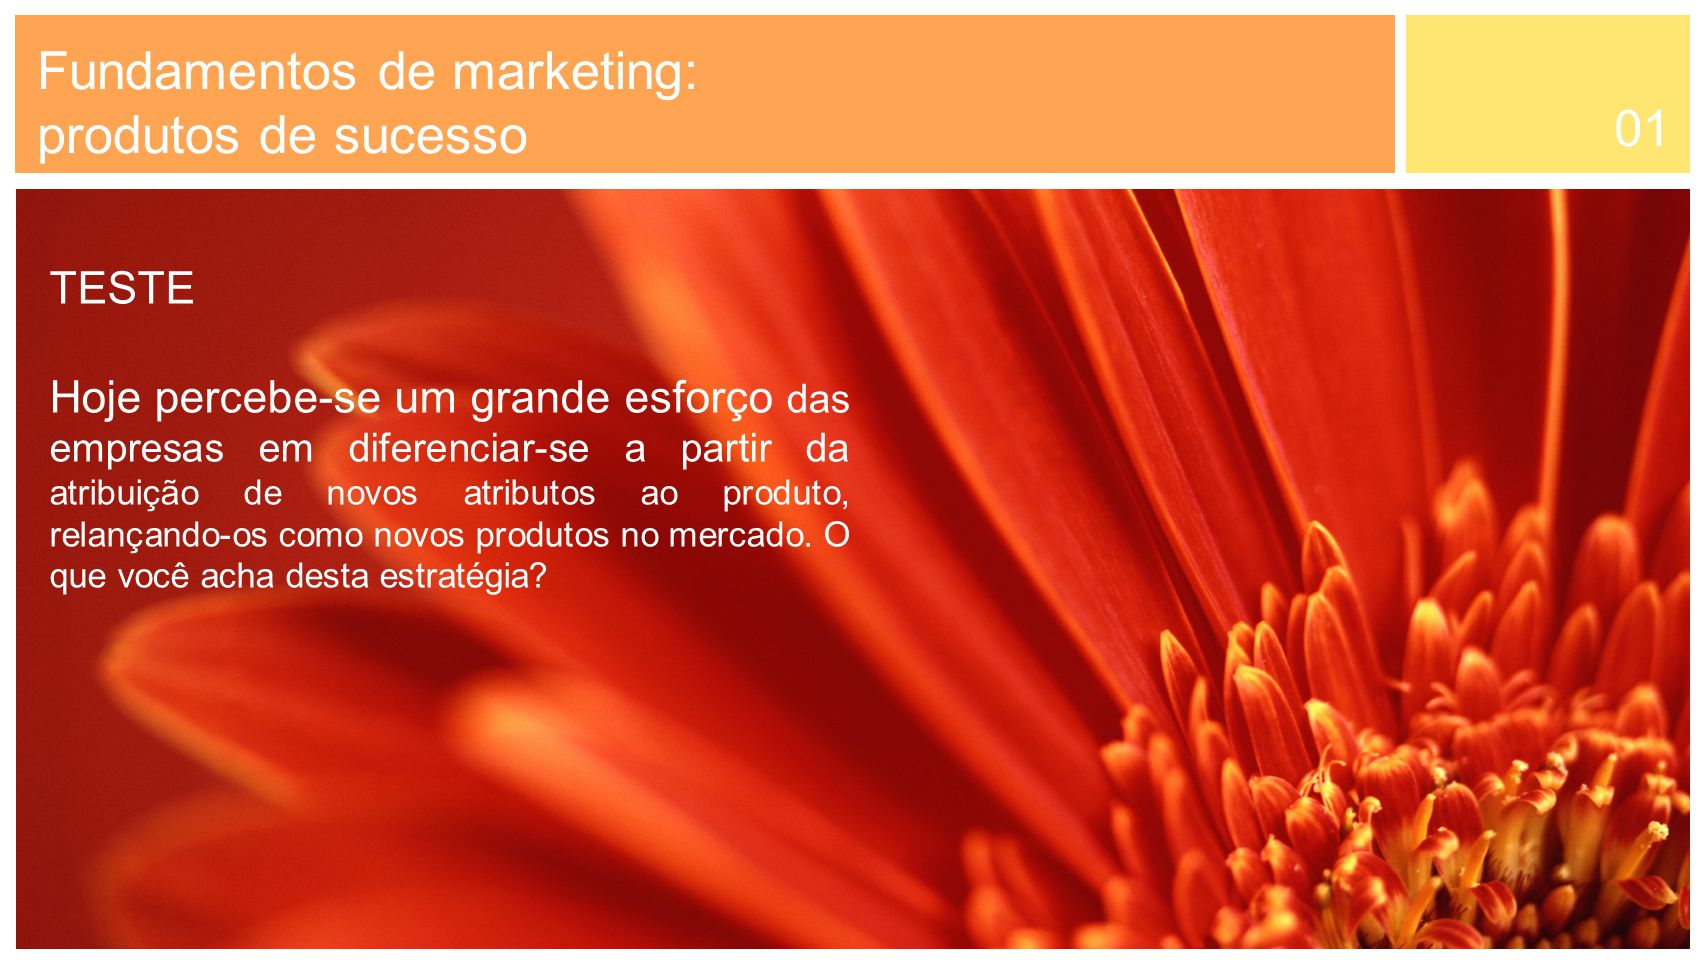 01 Fundamentos de marketing: produtos de sucesso TESTE Hoje percebe-se um grande esforço das empresas em diferenciar-se a partir da atribuição de novo